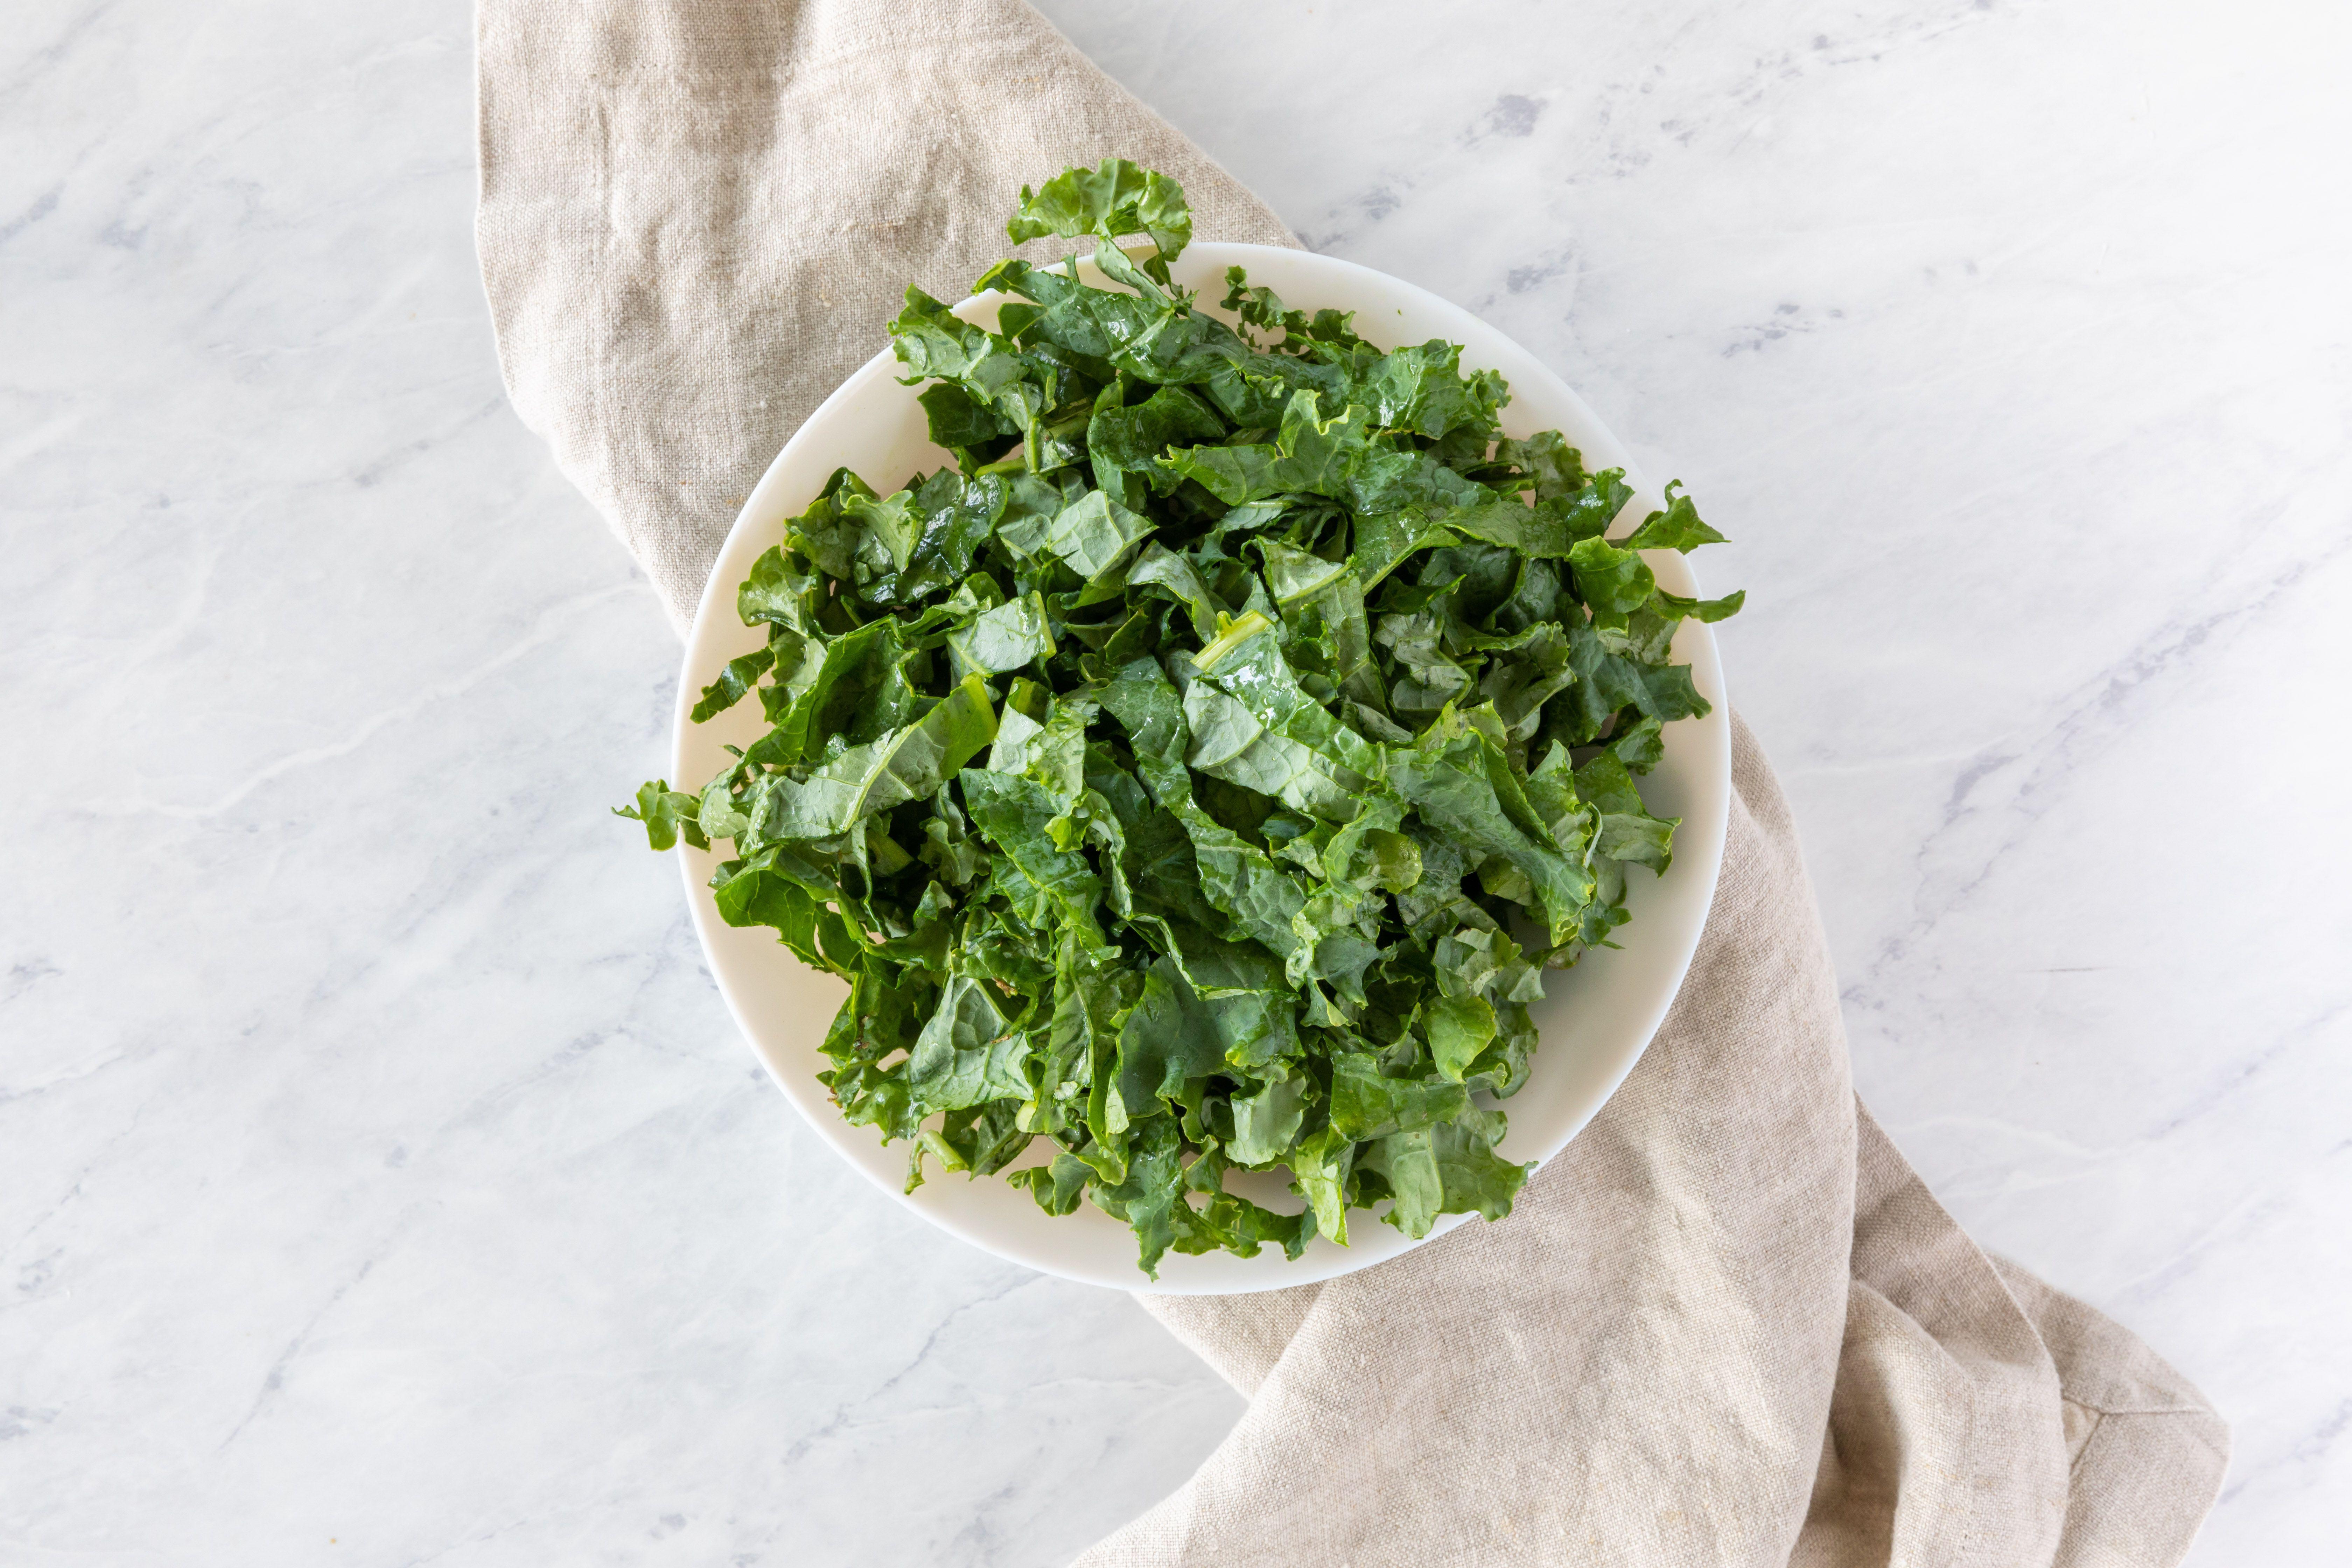 Chop the kale